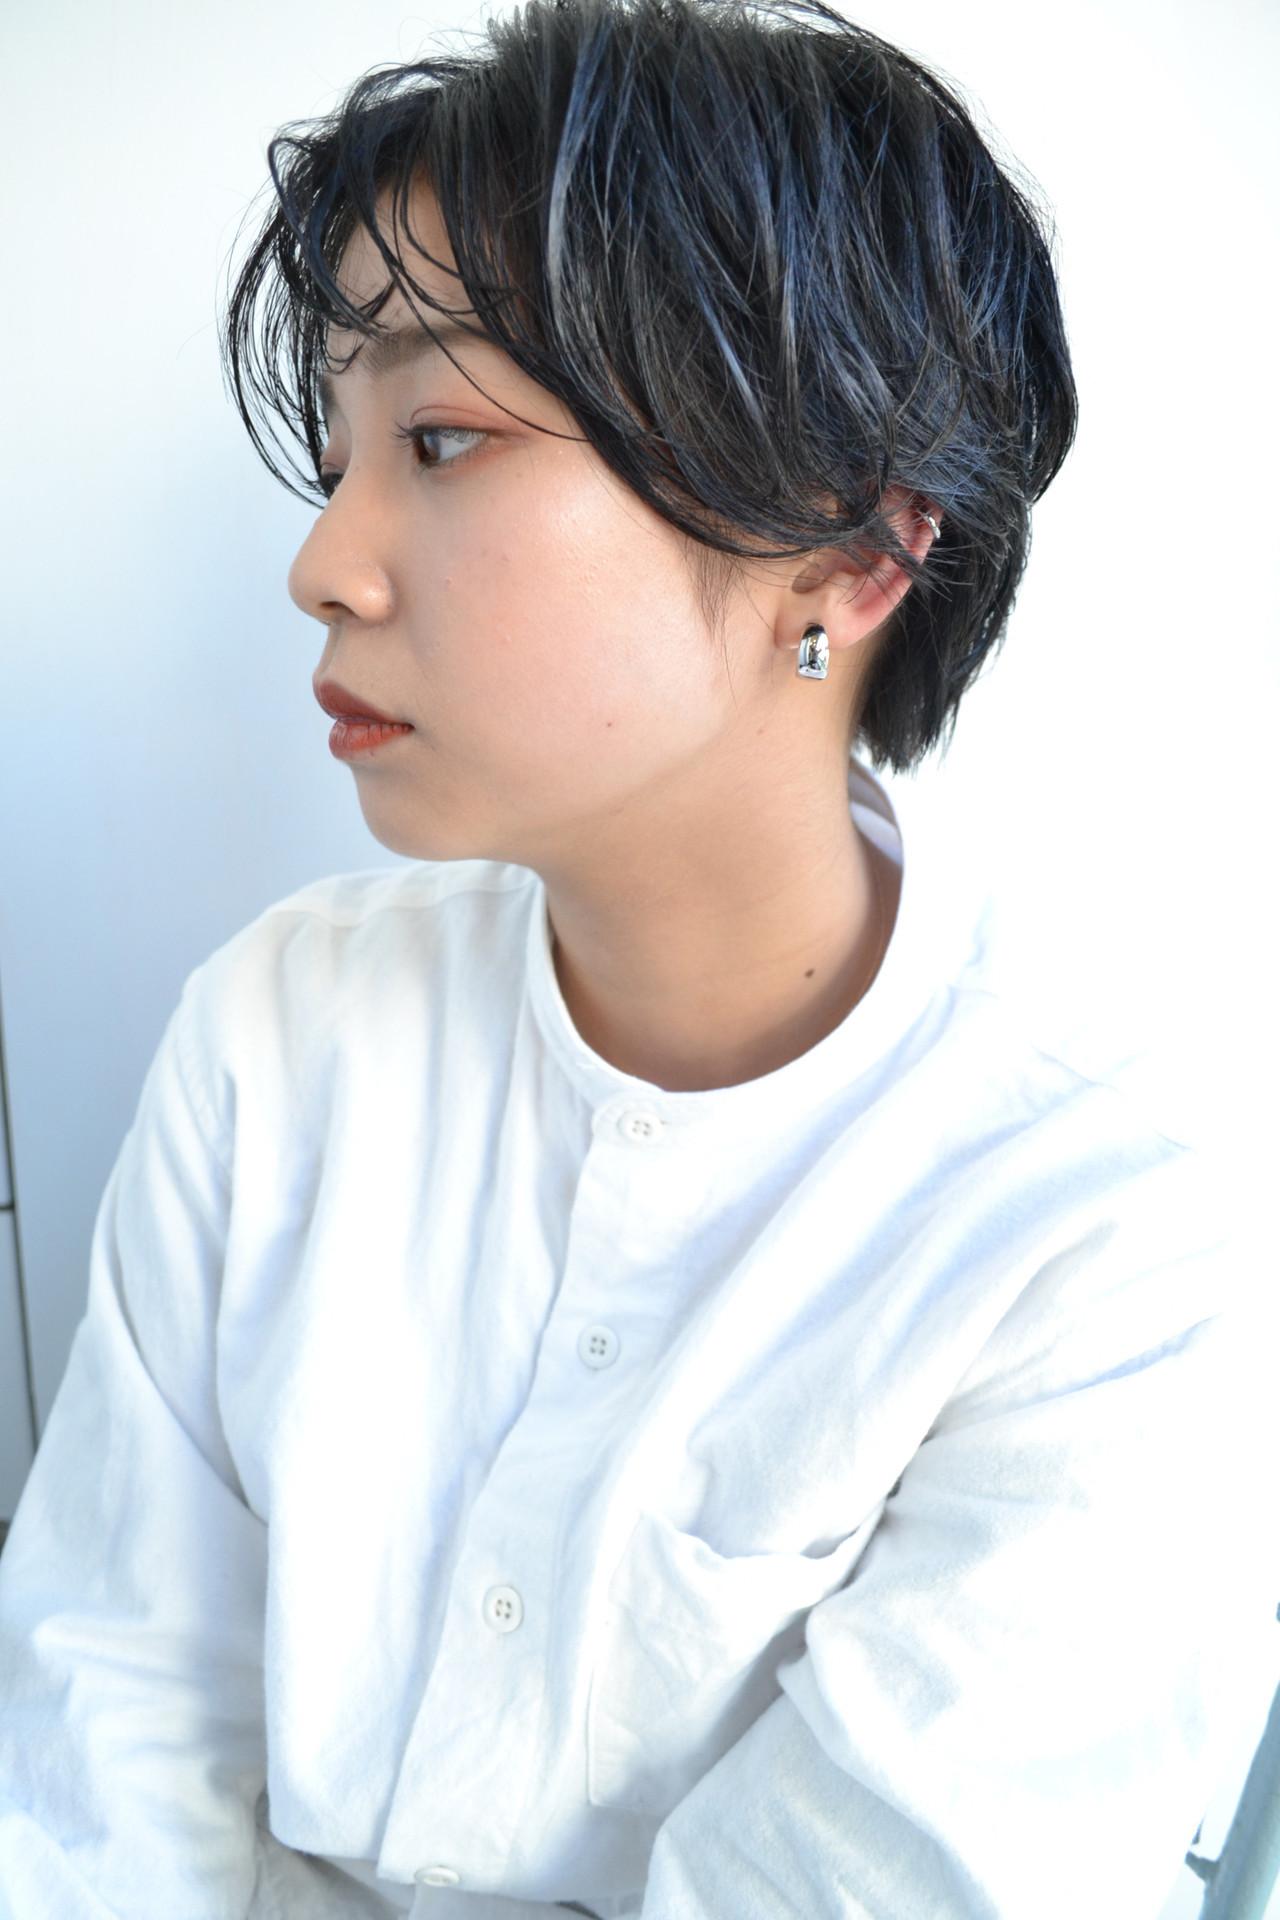 ベリーショート ゆるふわパーマ ショートヘア シースルーバング ヘアスタイルや髪型の写真・画像